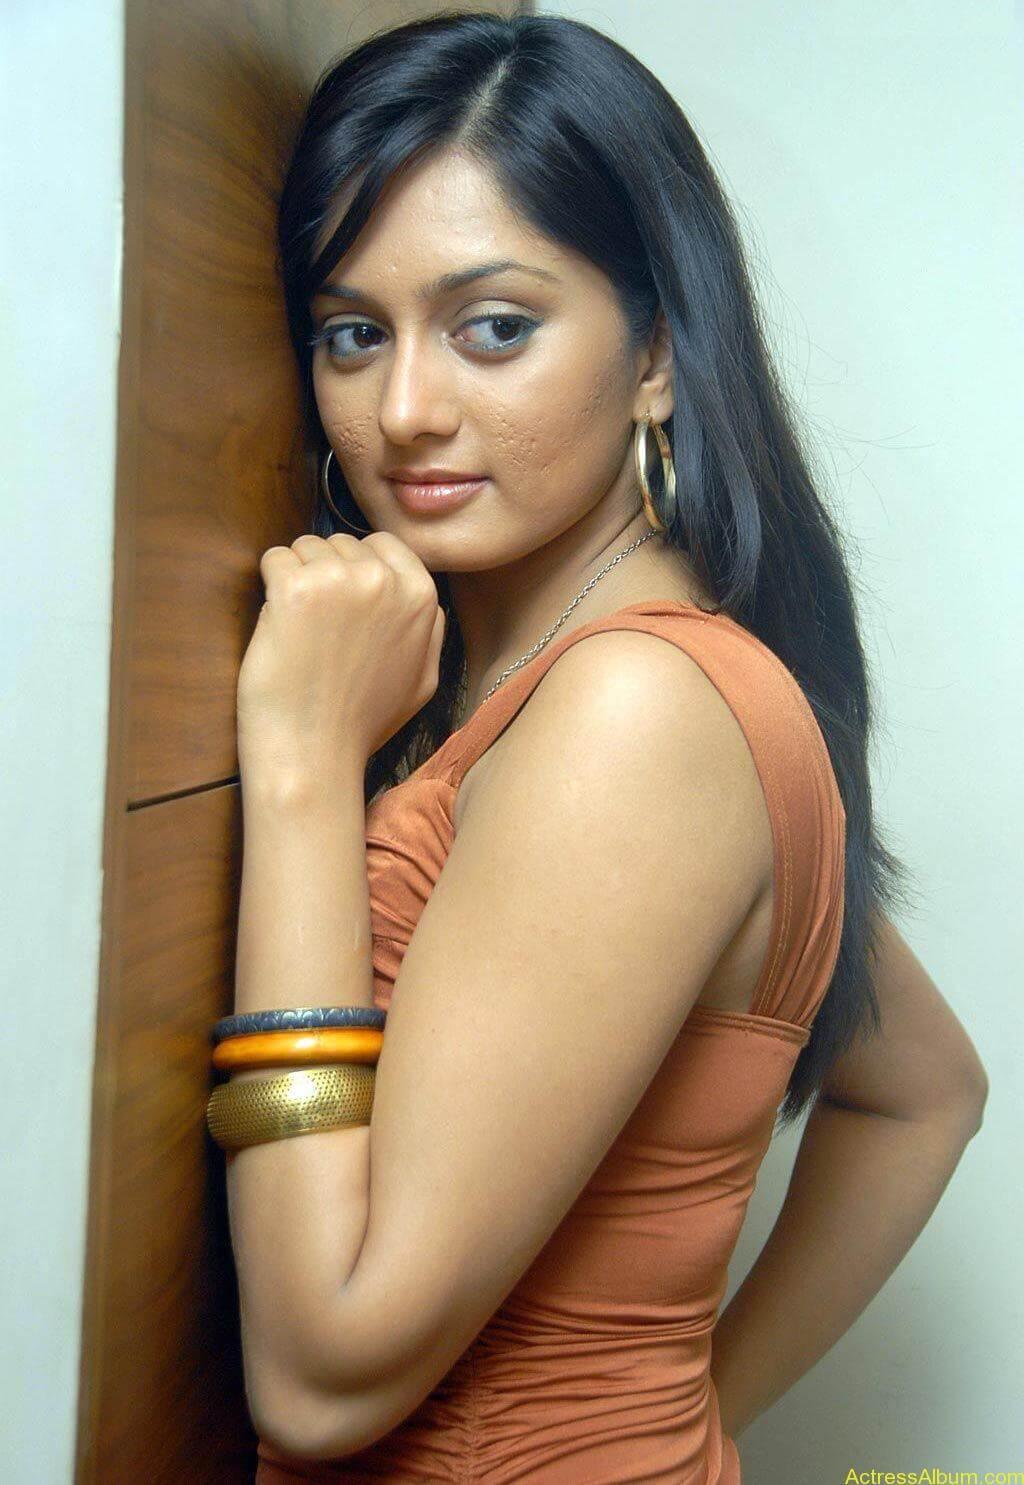 Parvati vaze hot photos stills (4)